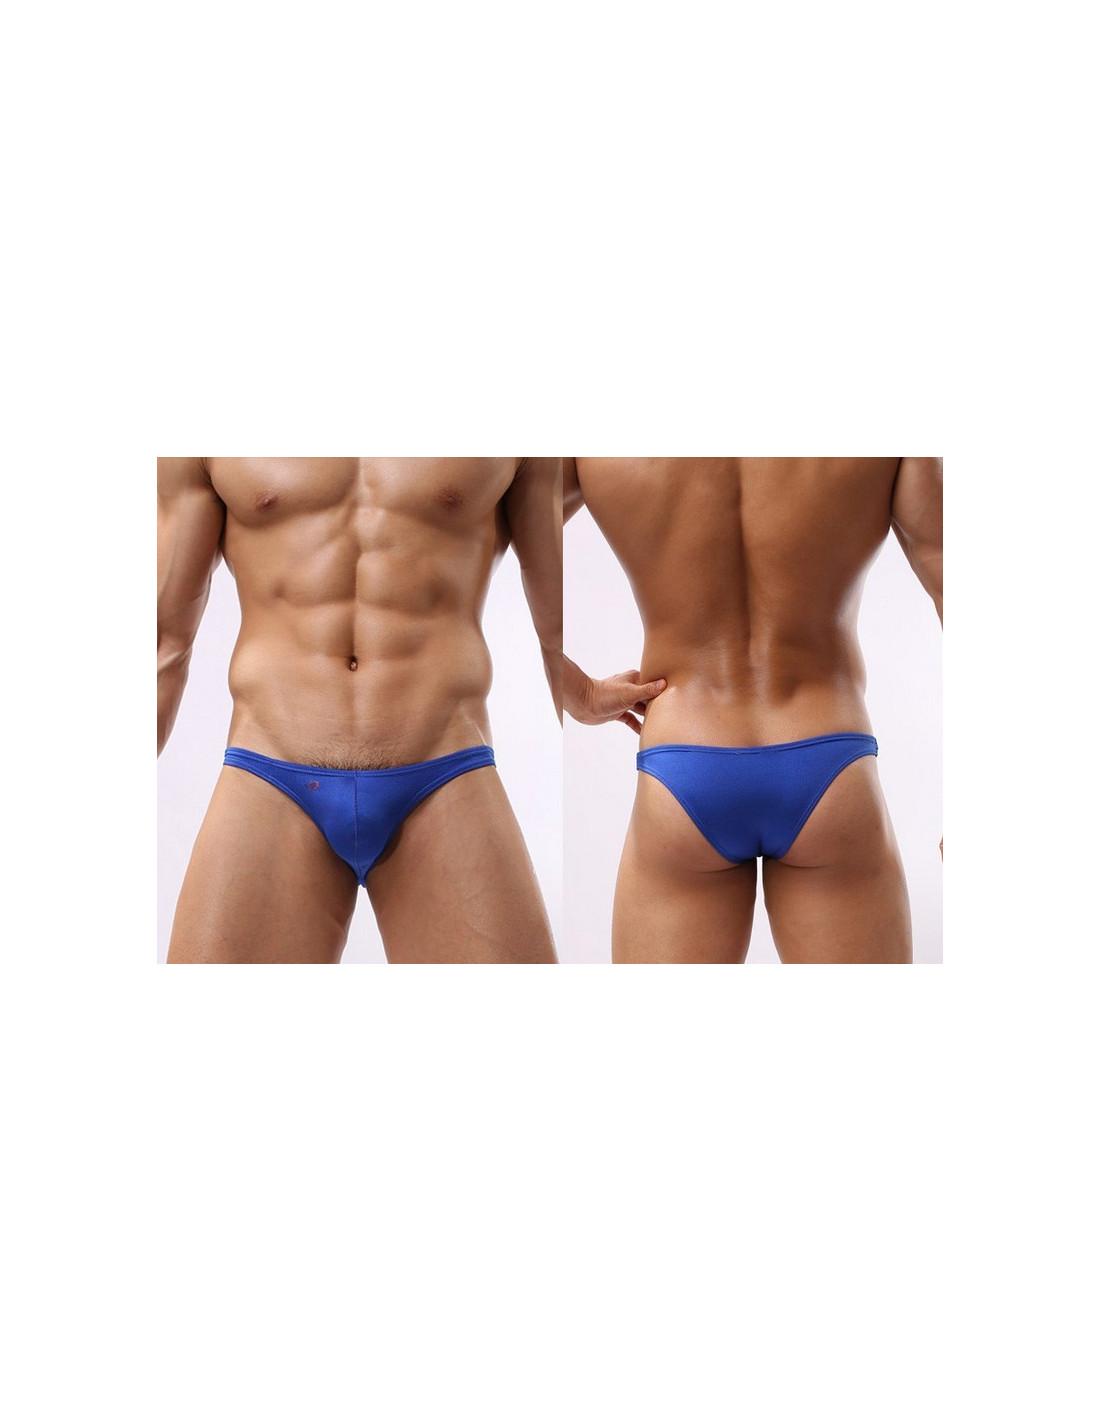 Мужские трусы для увеличения сексуальности с доставкой